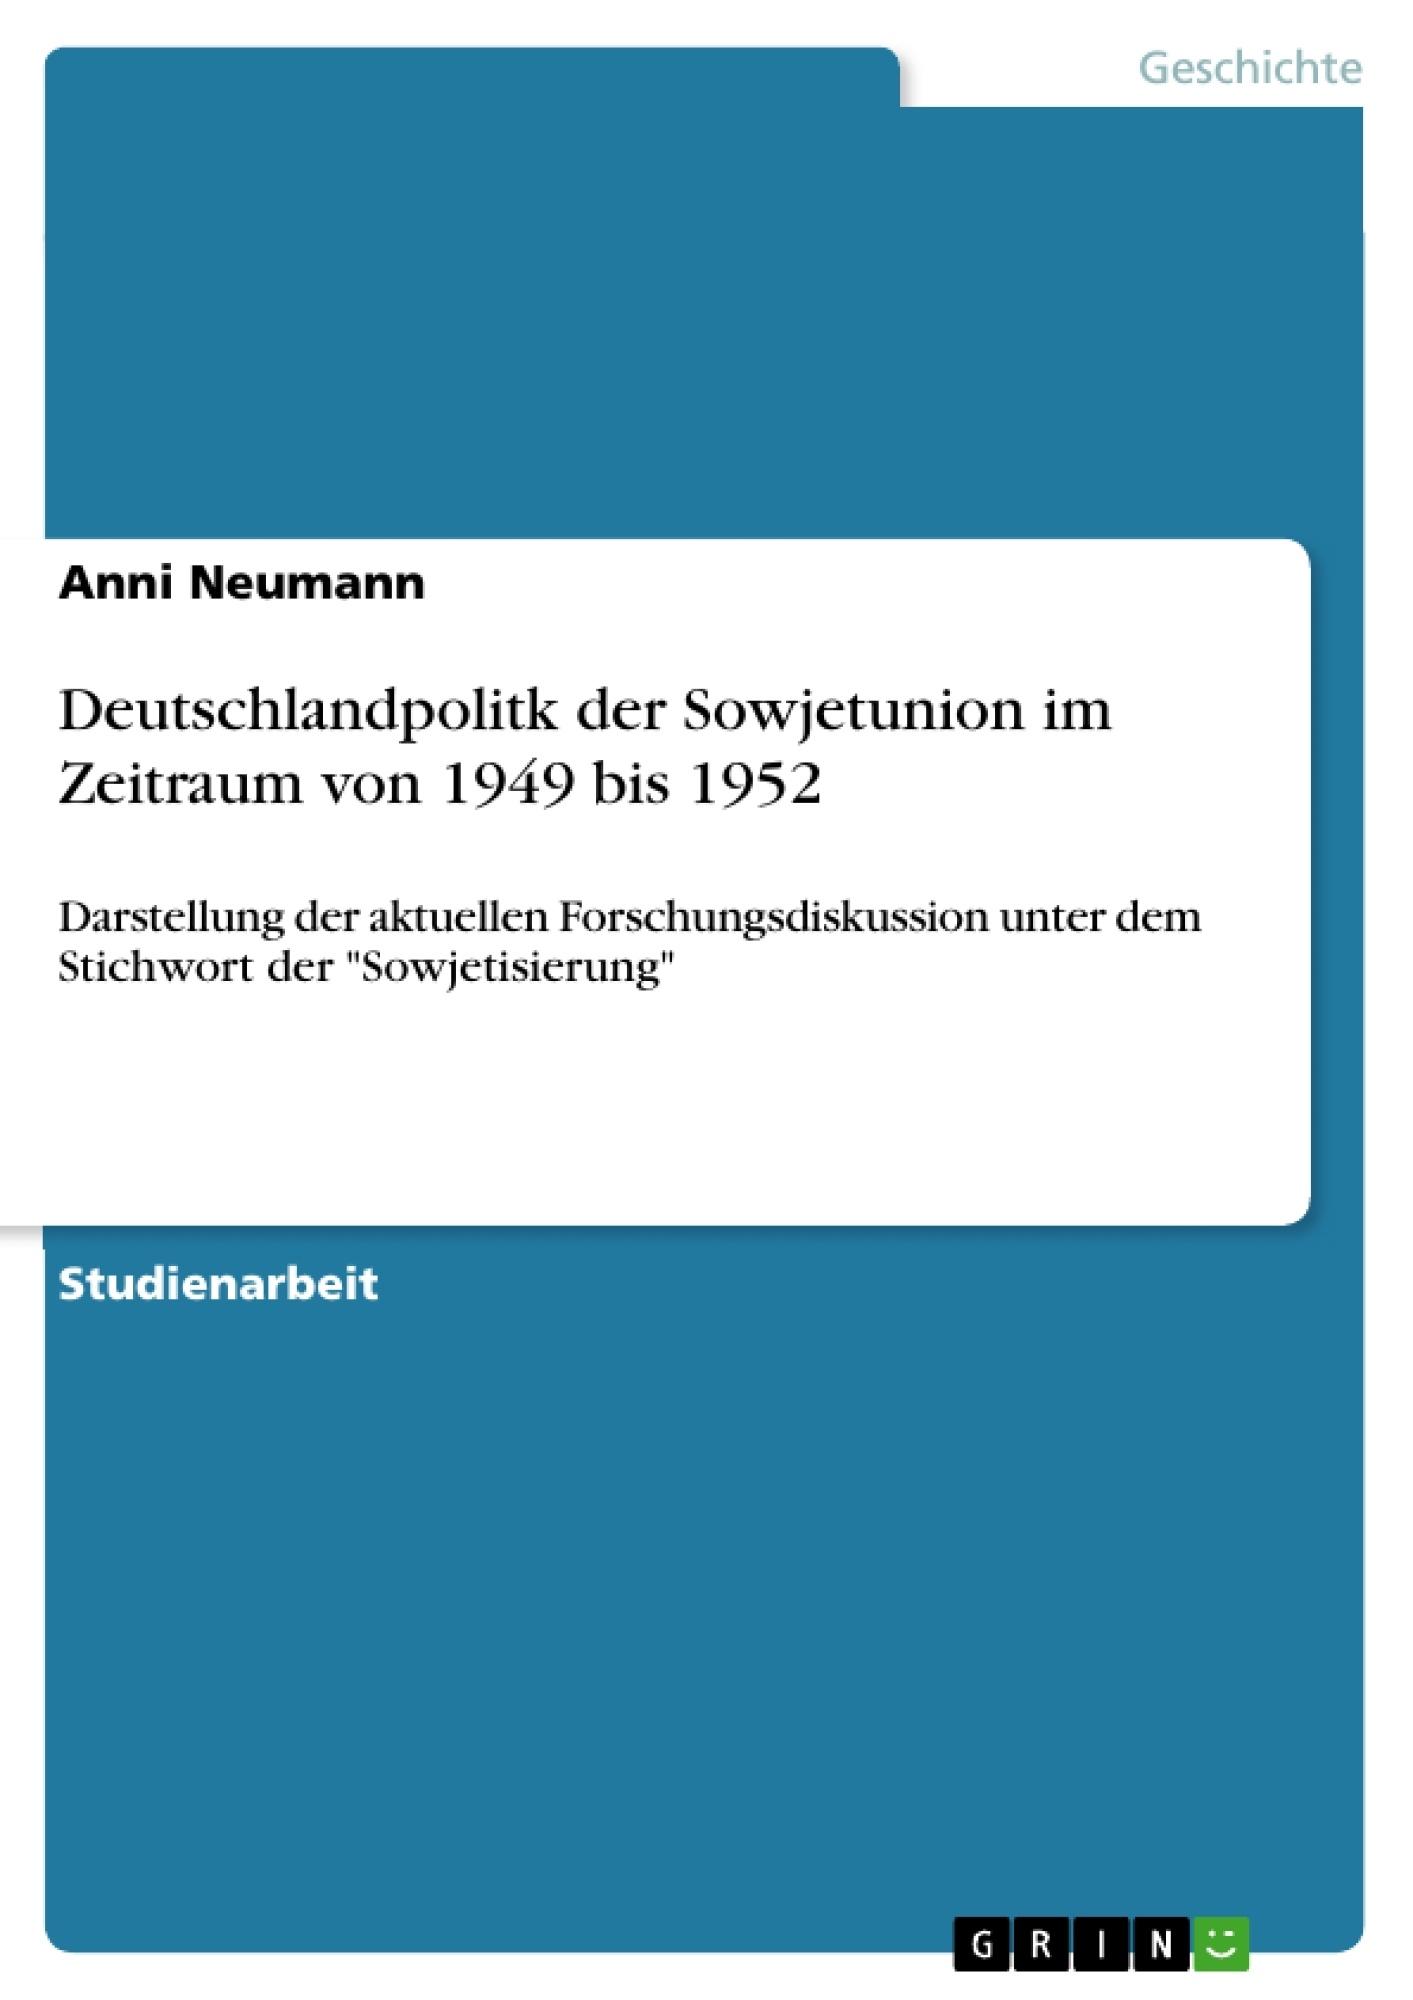 Titel: Deutschlandpolitk der Sowjetunion im Zeitraum von 1949 bis 1952